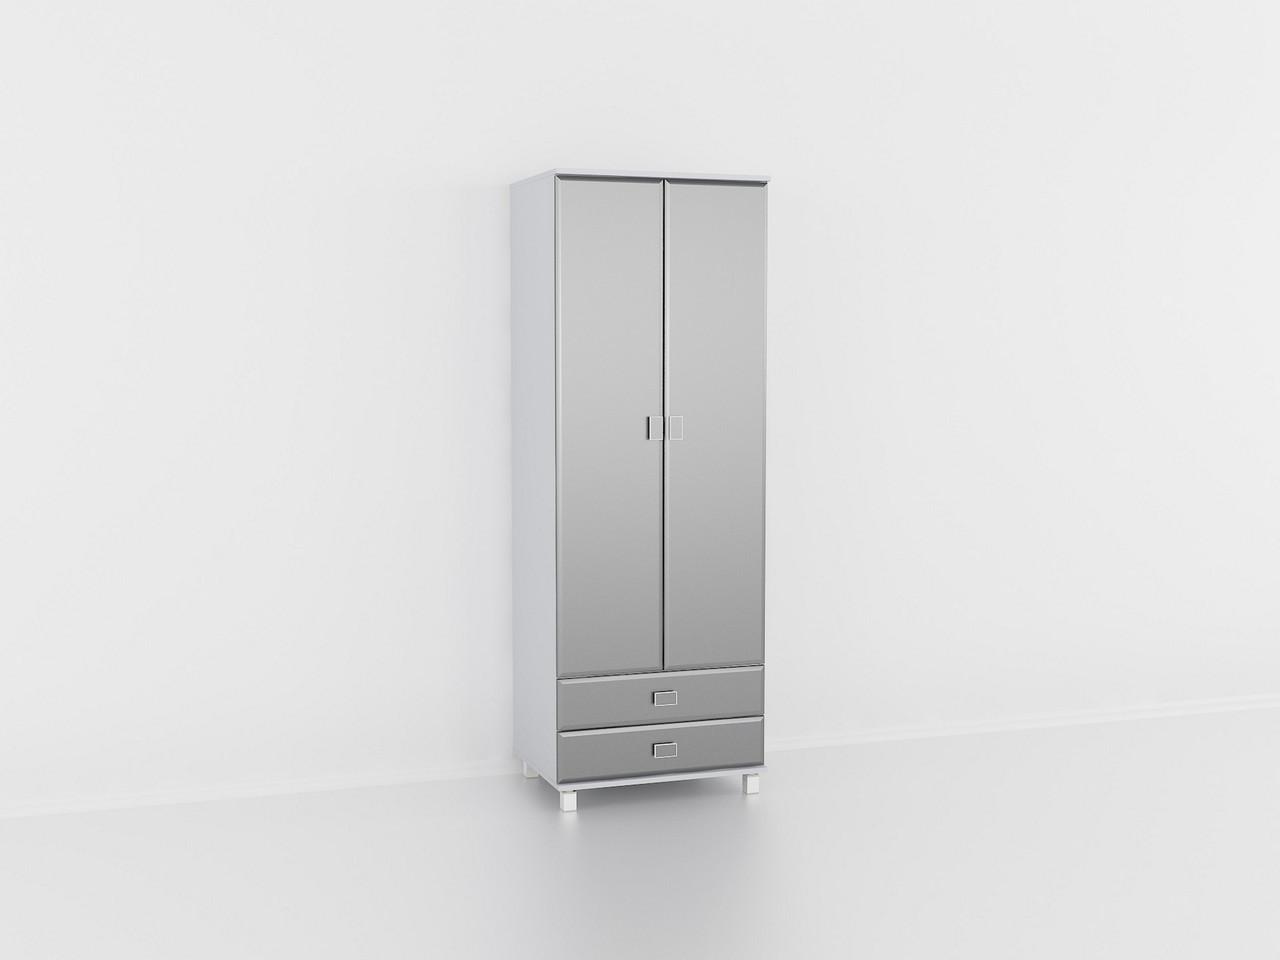 Шкаф для одежды Металлик, шкаф в гостинную, залу. Мебель из МДФ